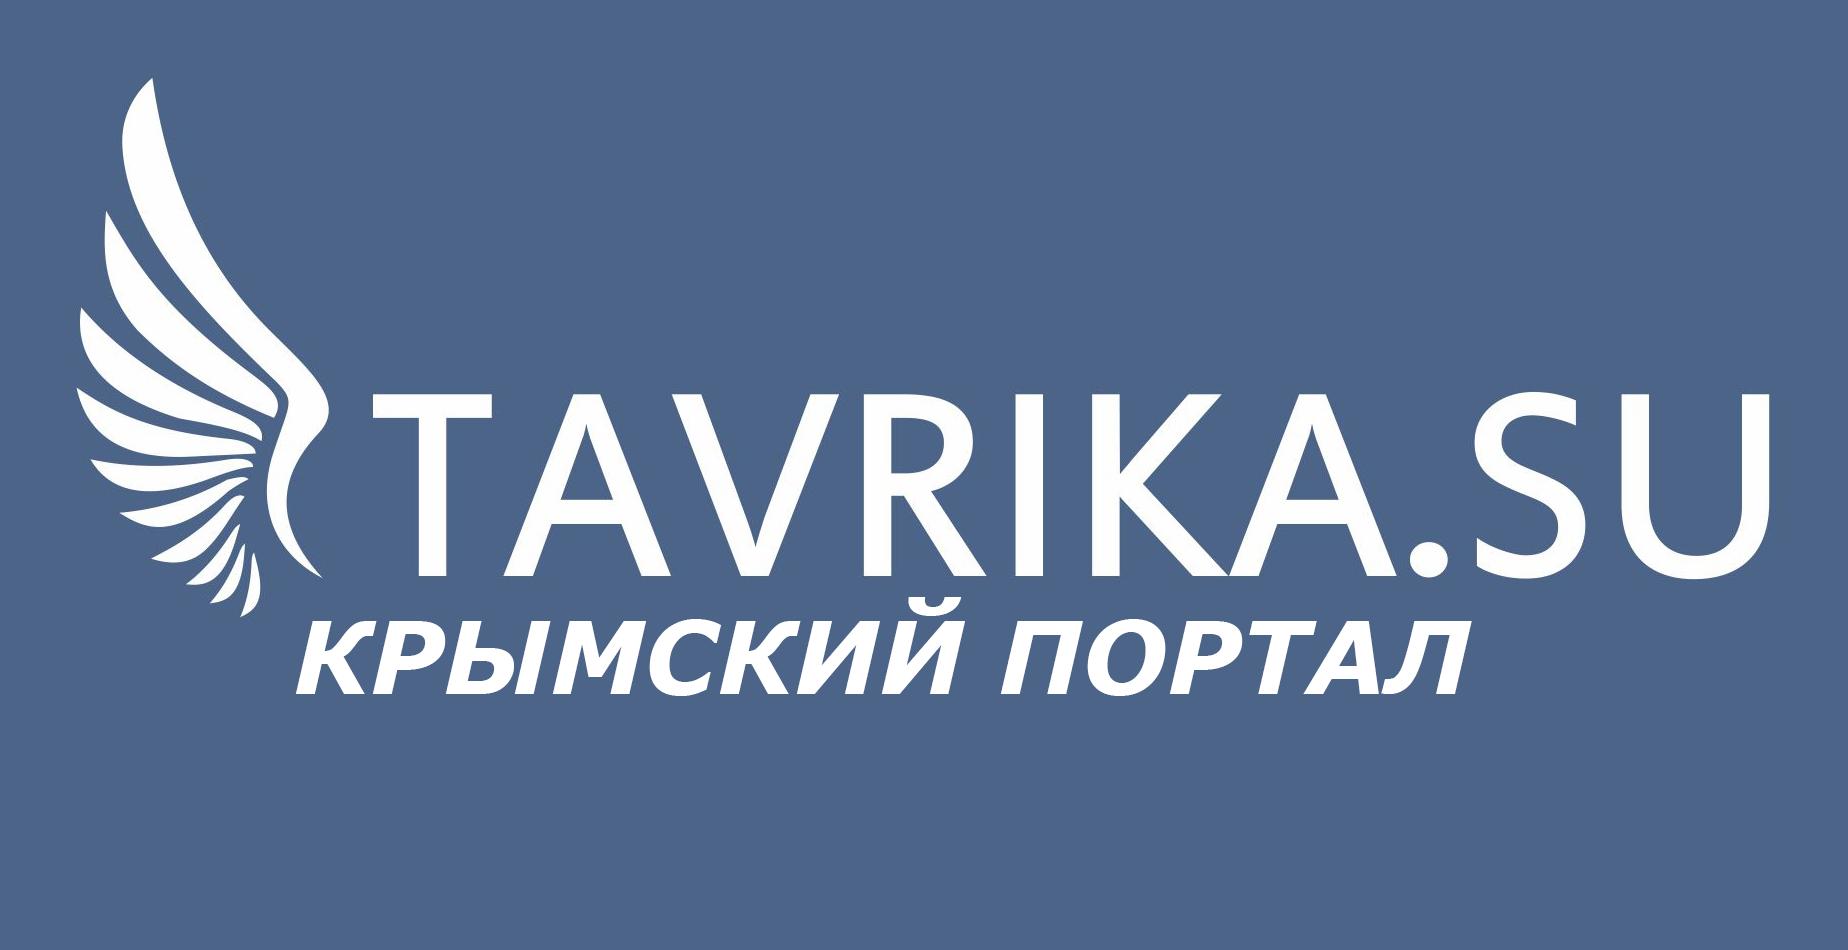 tavrika.su